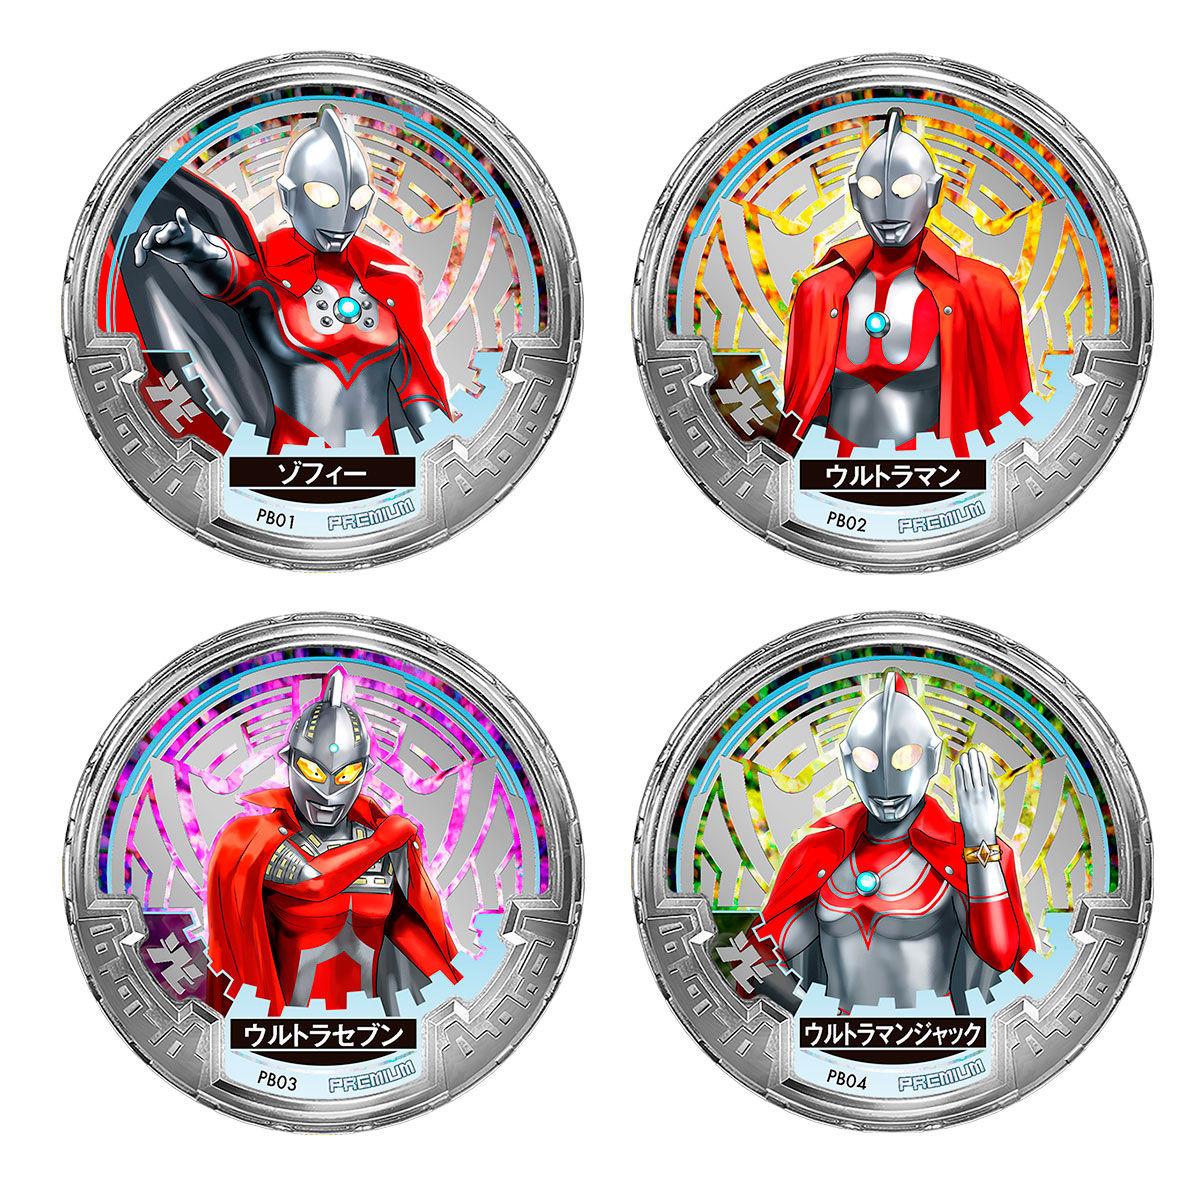 【限定販売】ウルトラマン『アバレンボウル オフィシャルメダルホルダー』ガシャポン-004